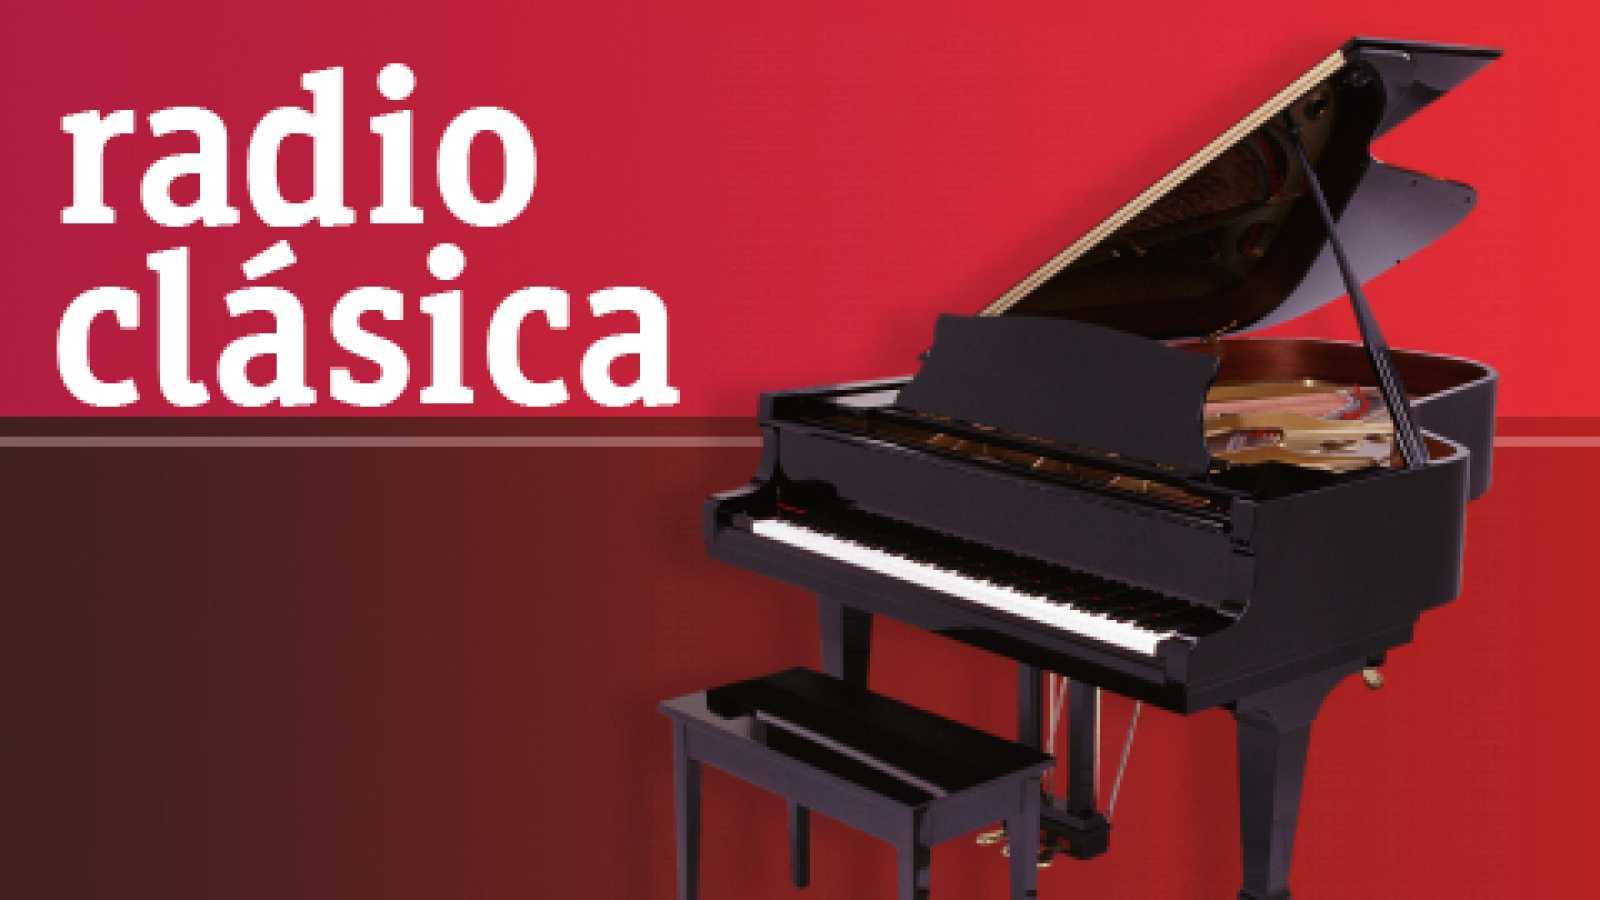 Pianistas españoles - Antonio Soria - 25/02/16 - escuchar ahora